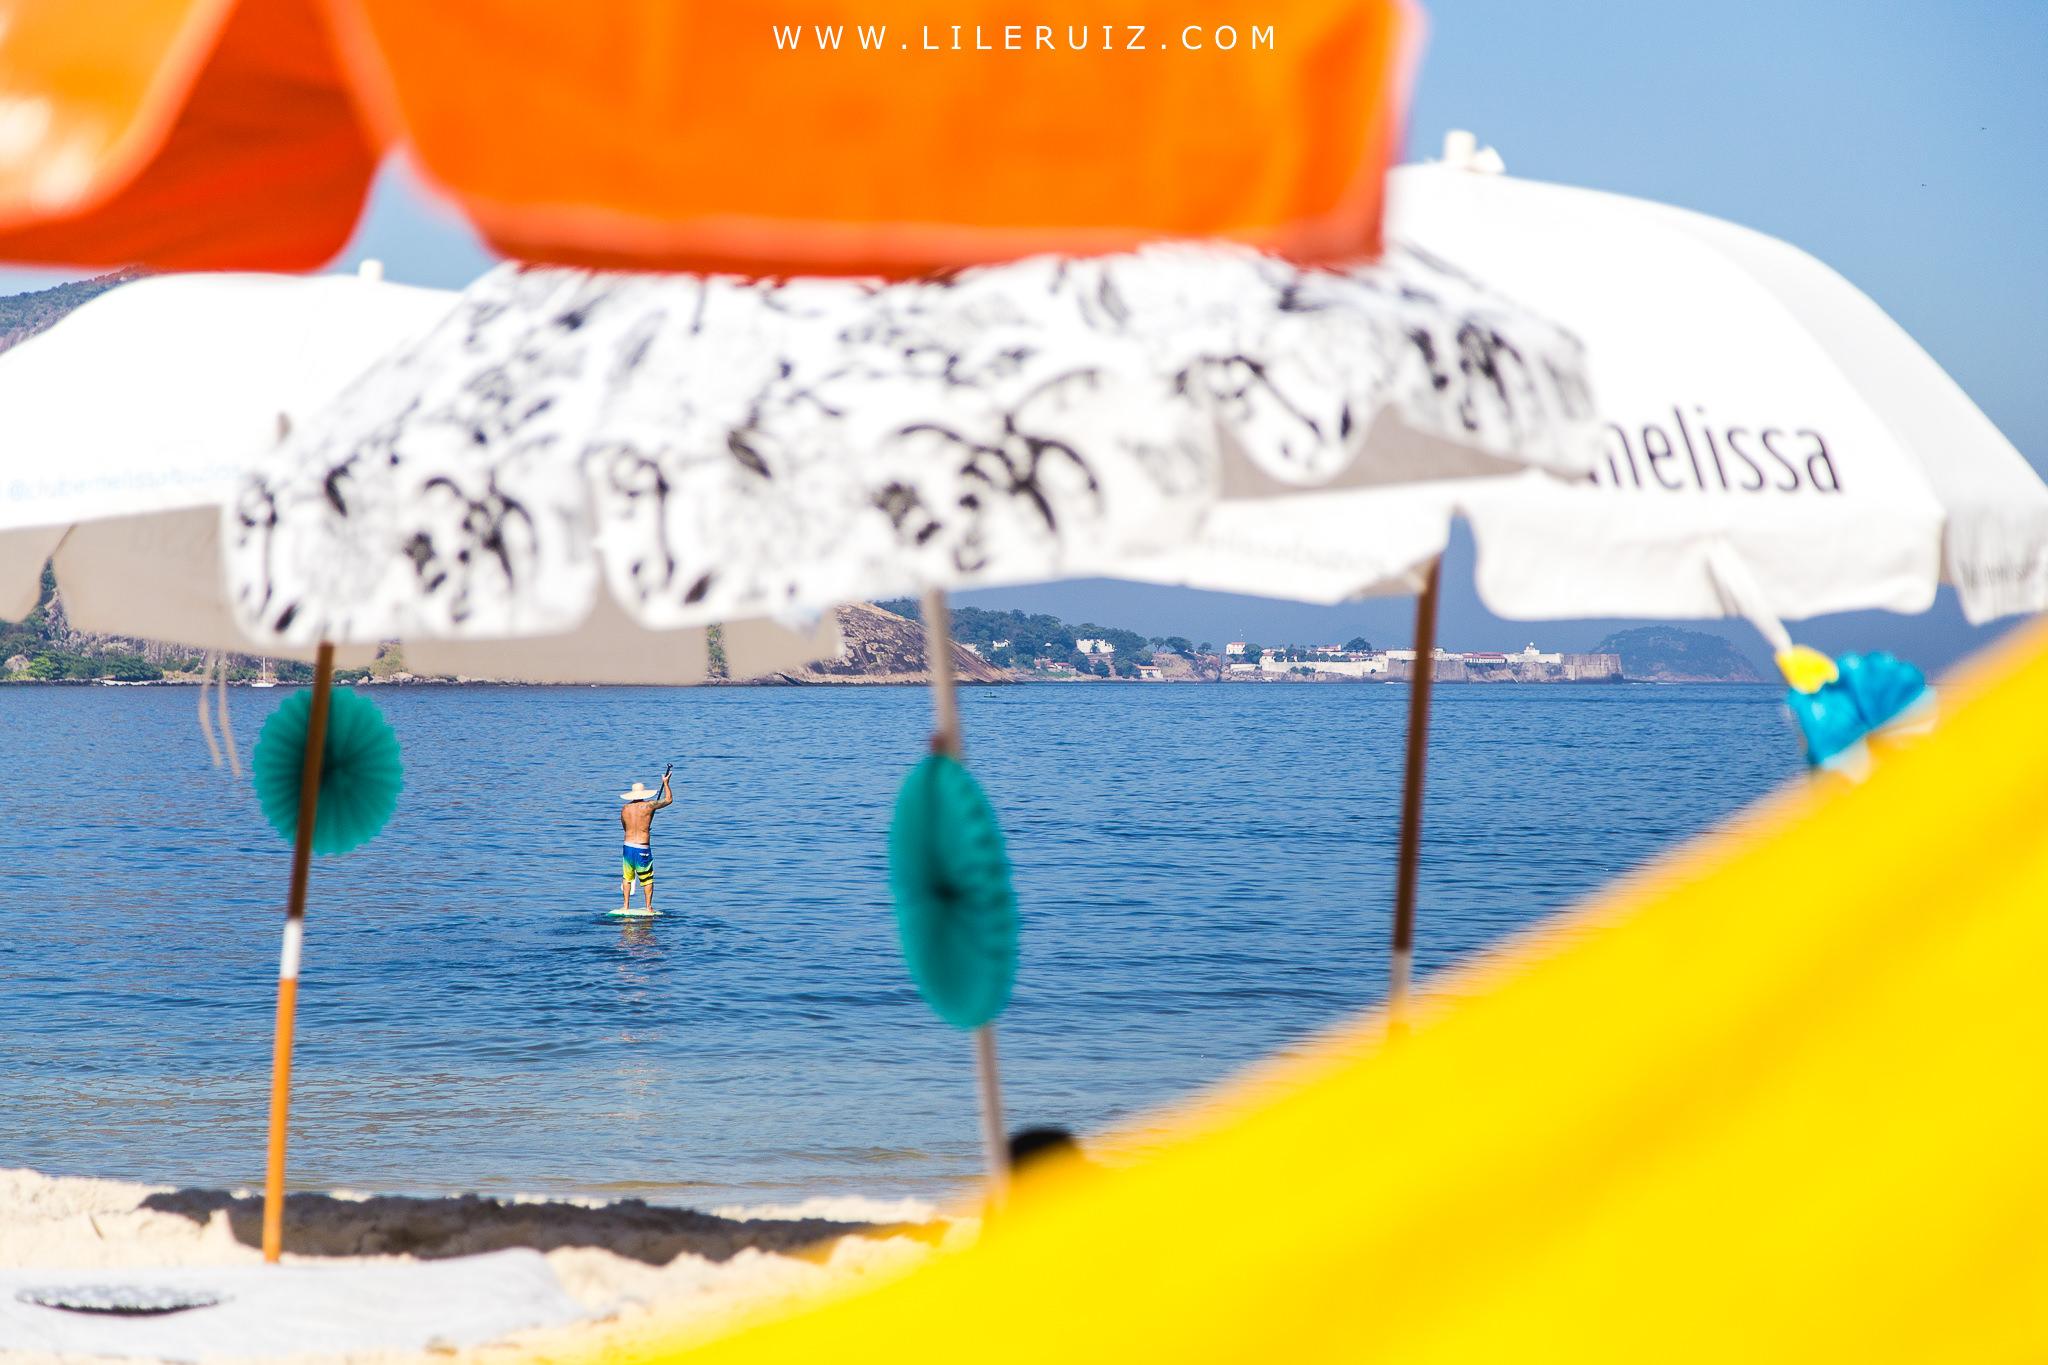 LileRuiz_aniversario_picnic_niteroi-10.jpg